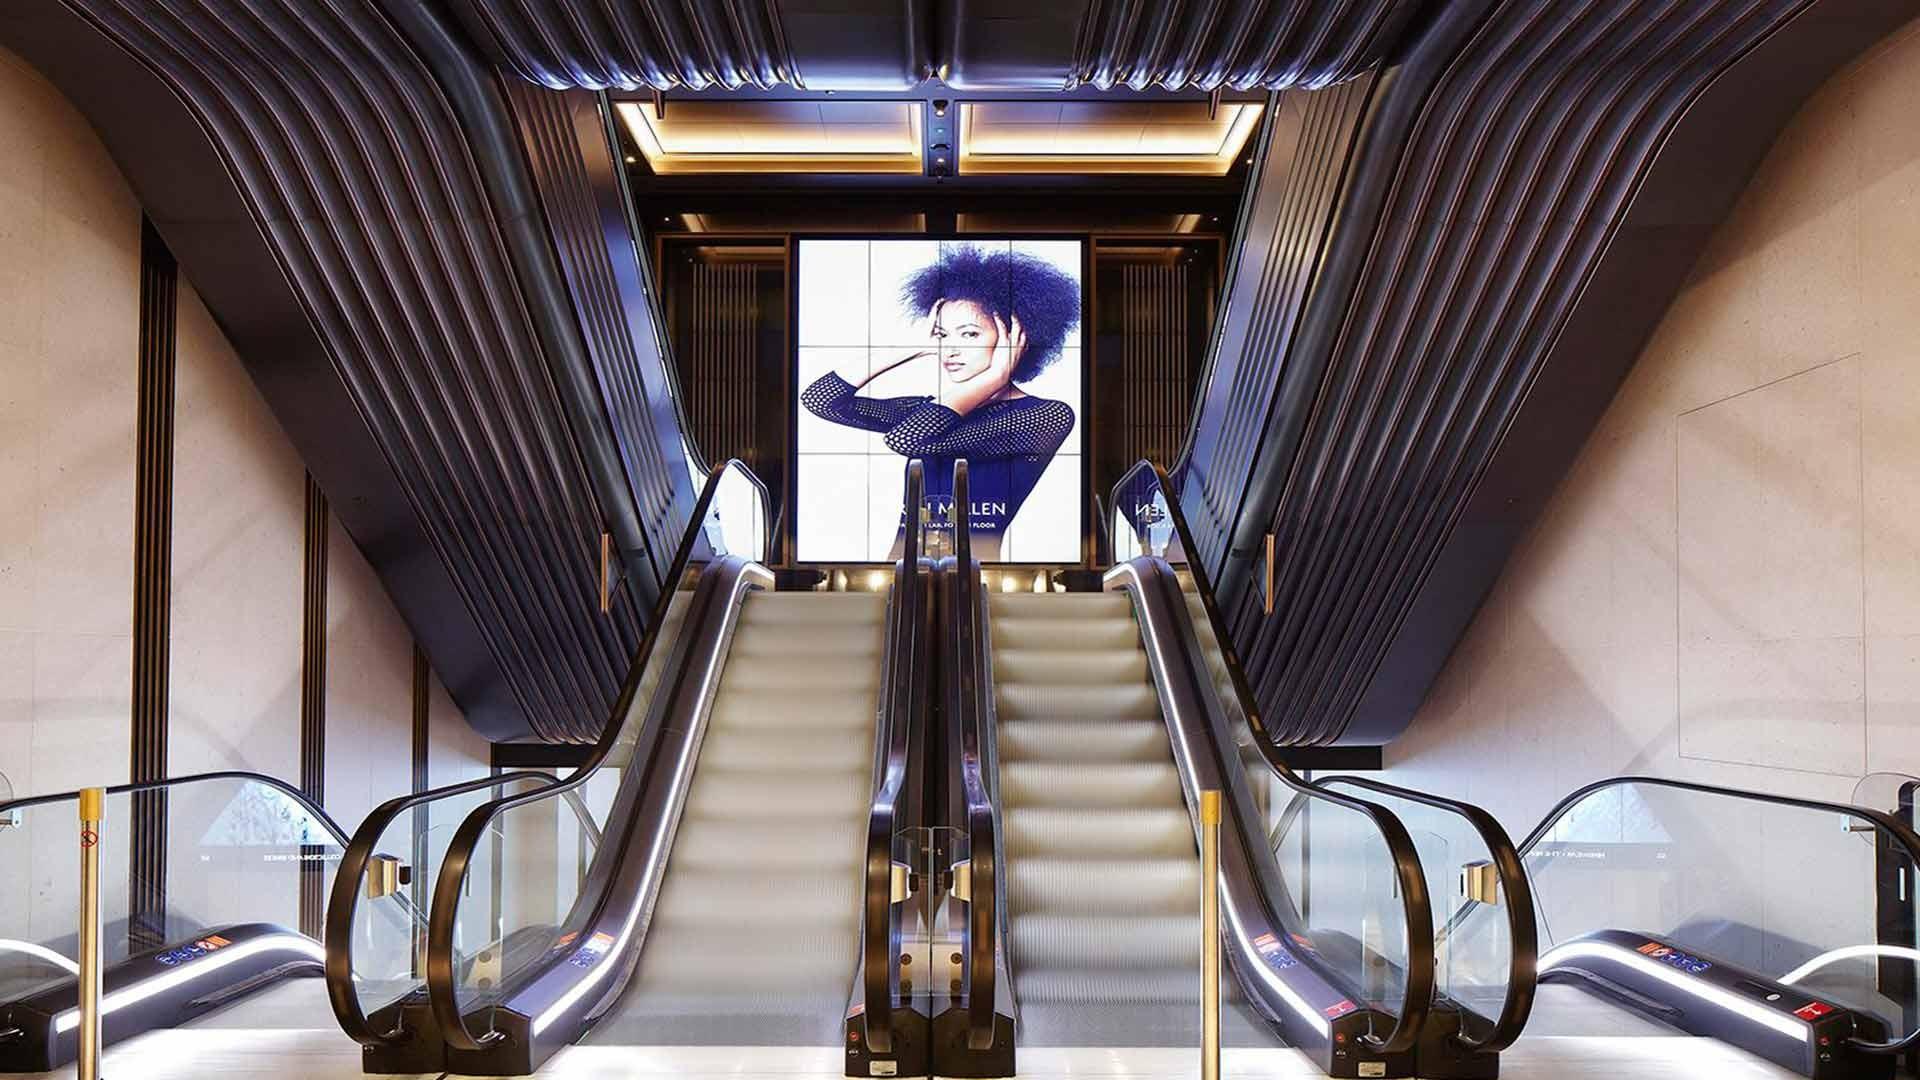 κυλιόμενες σκάλες κυλιόμενοι διάδρομοι - KLEEMANN  (7)